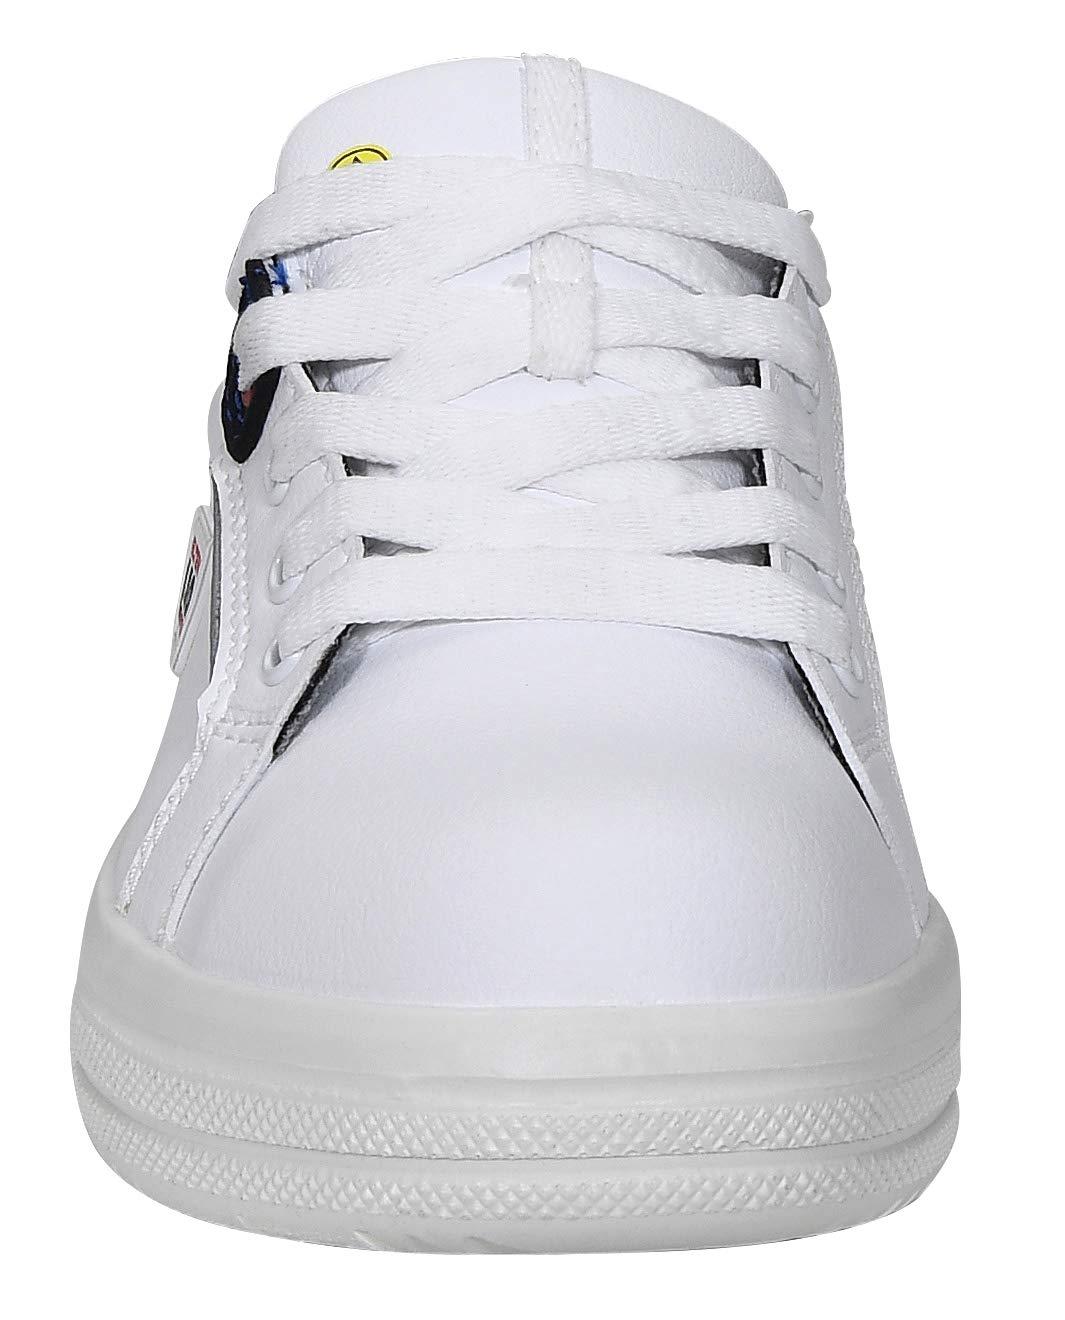 leicht Sneaker sportlich Stahlkappe Damen wei/ß Gr/ö/ße 41 ELTEN Sicherheitsschuhe GHOST Lady Low ESD S3